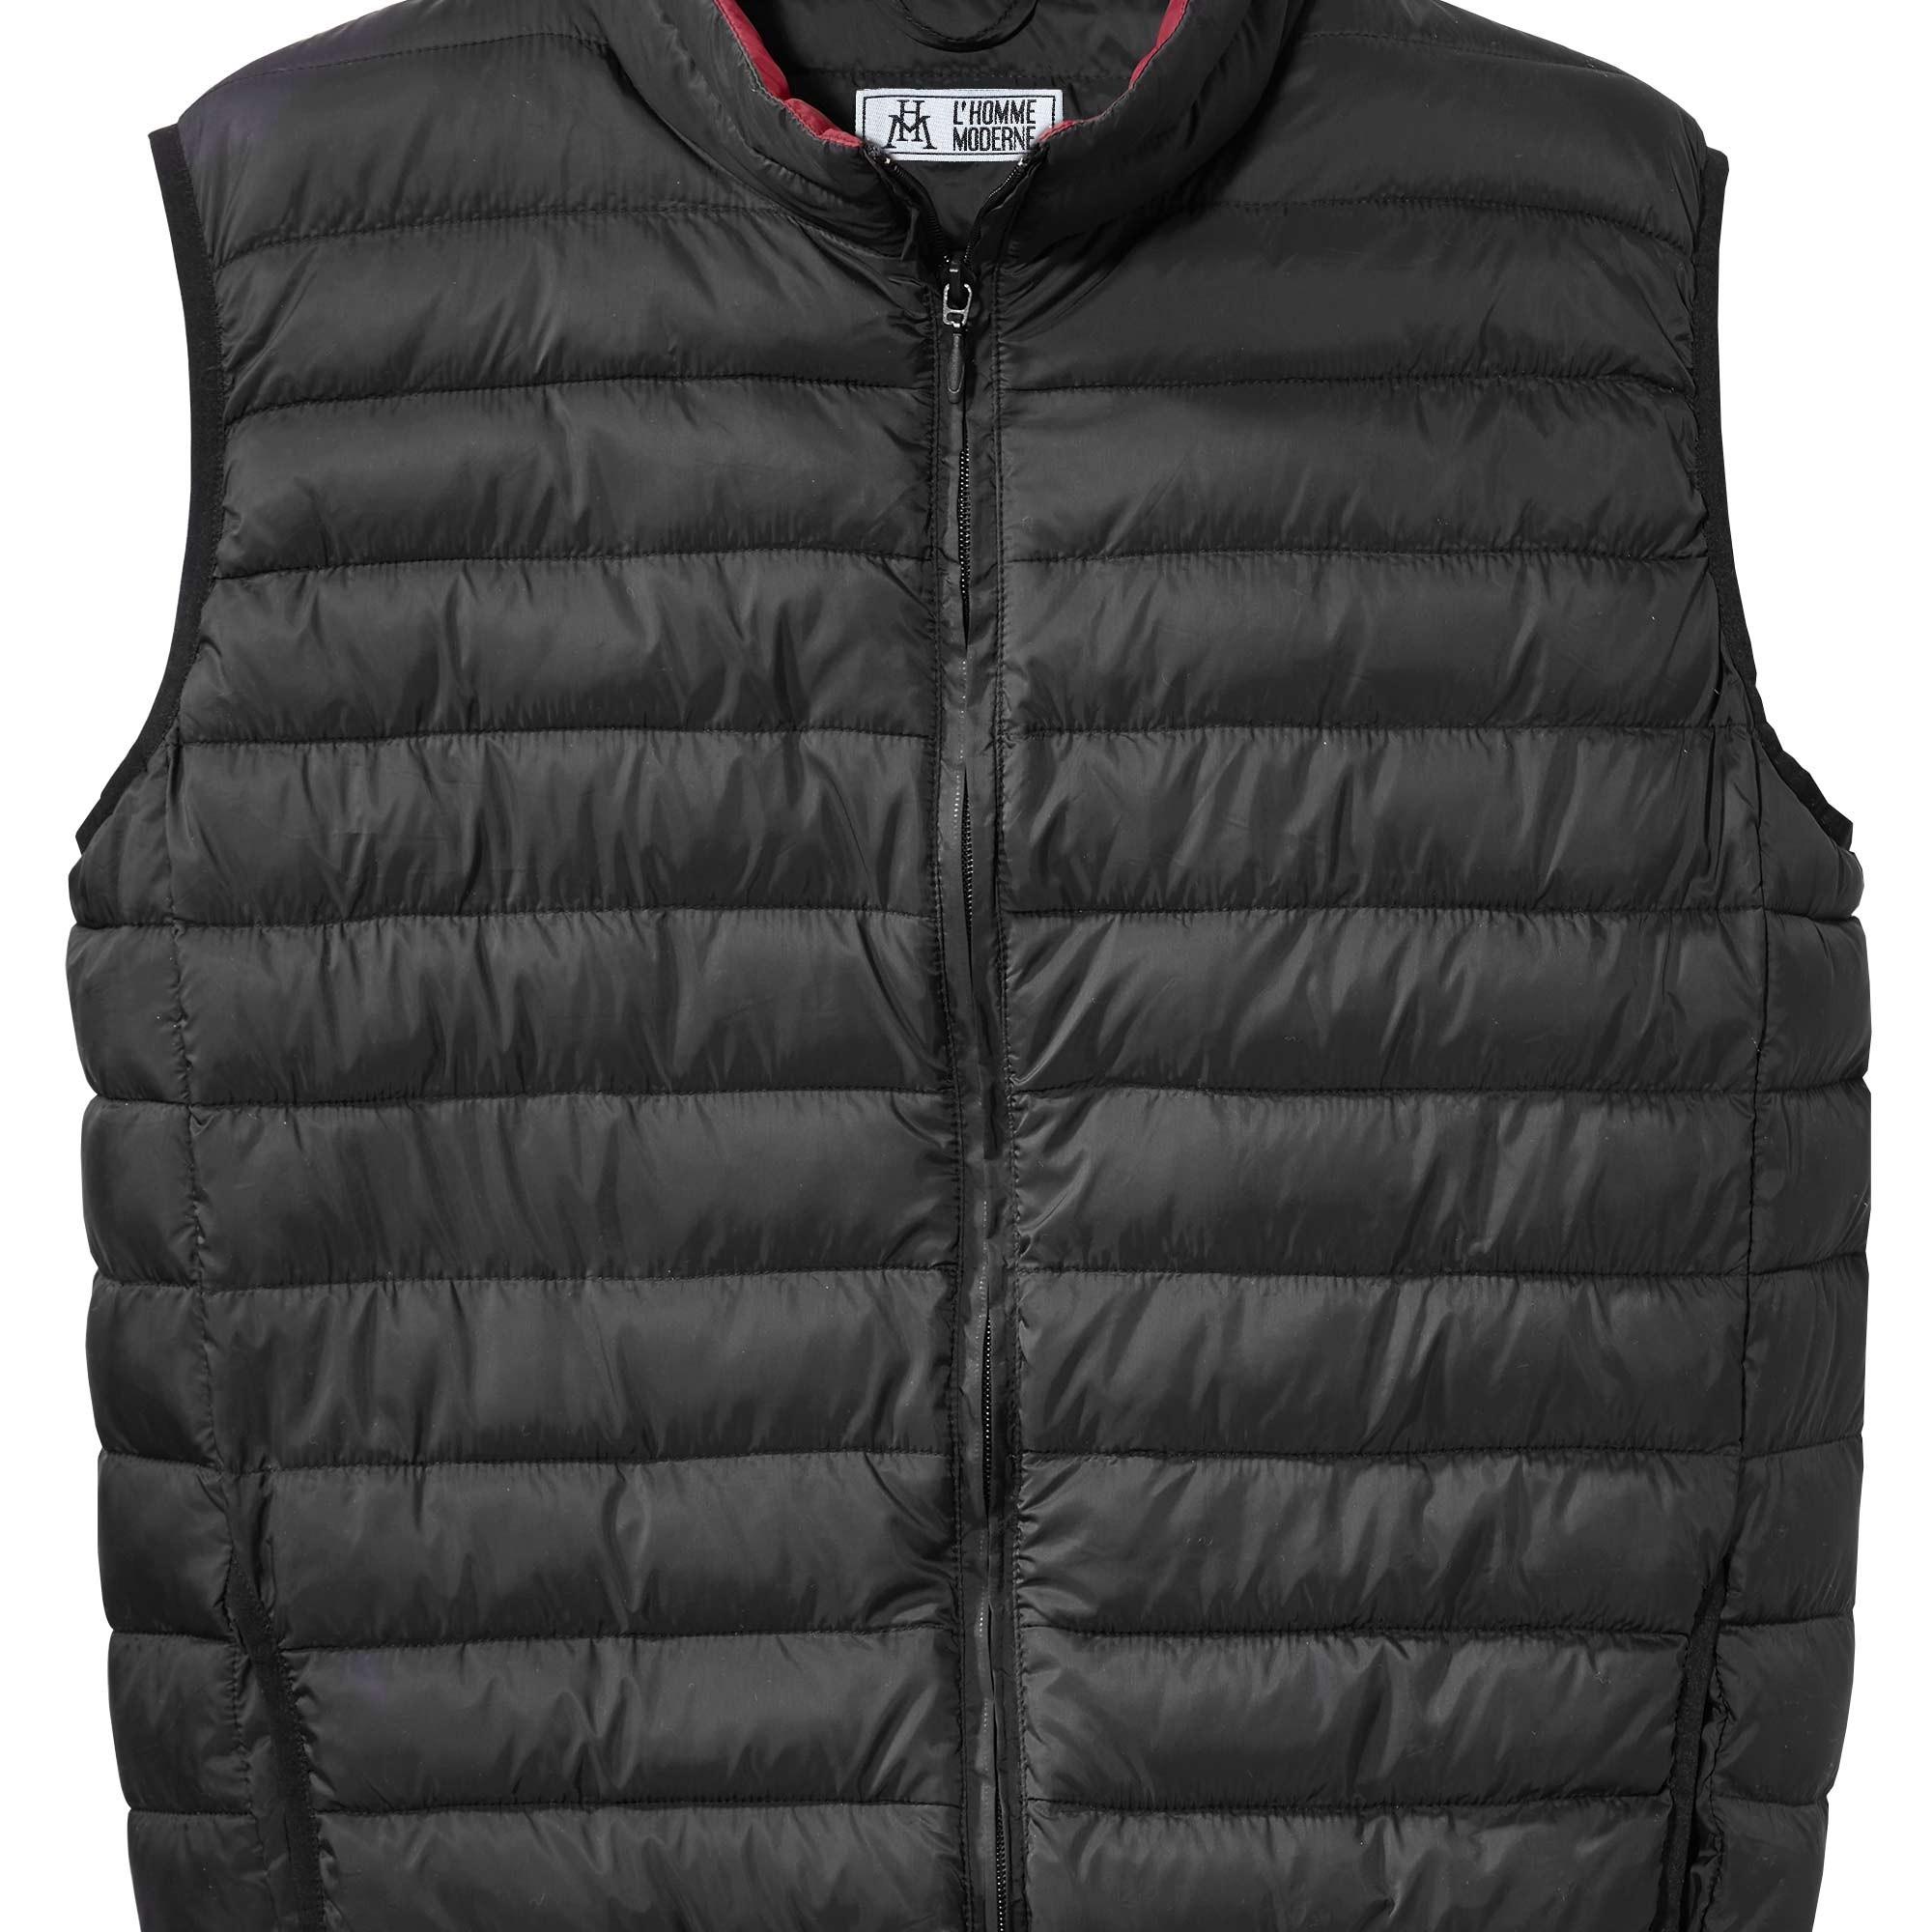 sedao vente manteaux vestes doudoune sans manches noir. Black Bedroom Furniture Sets. Home Design Ideas